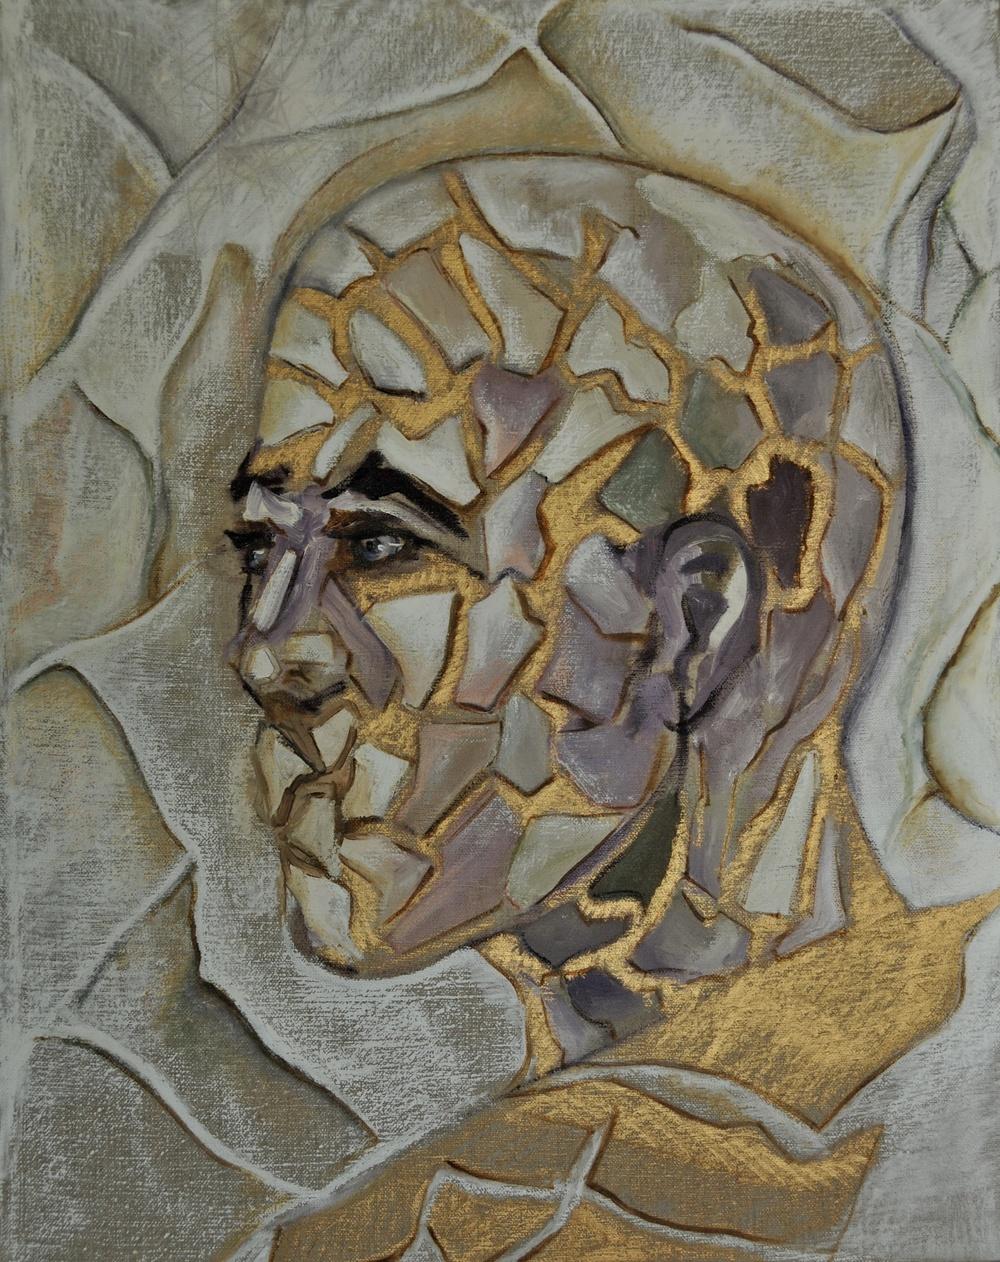 Head II Oil on Linen 50 x 40 cm 2012